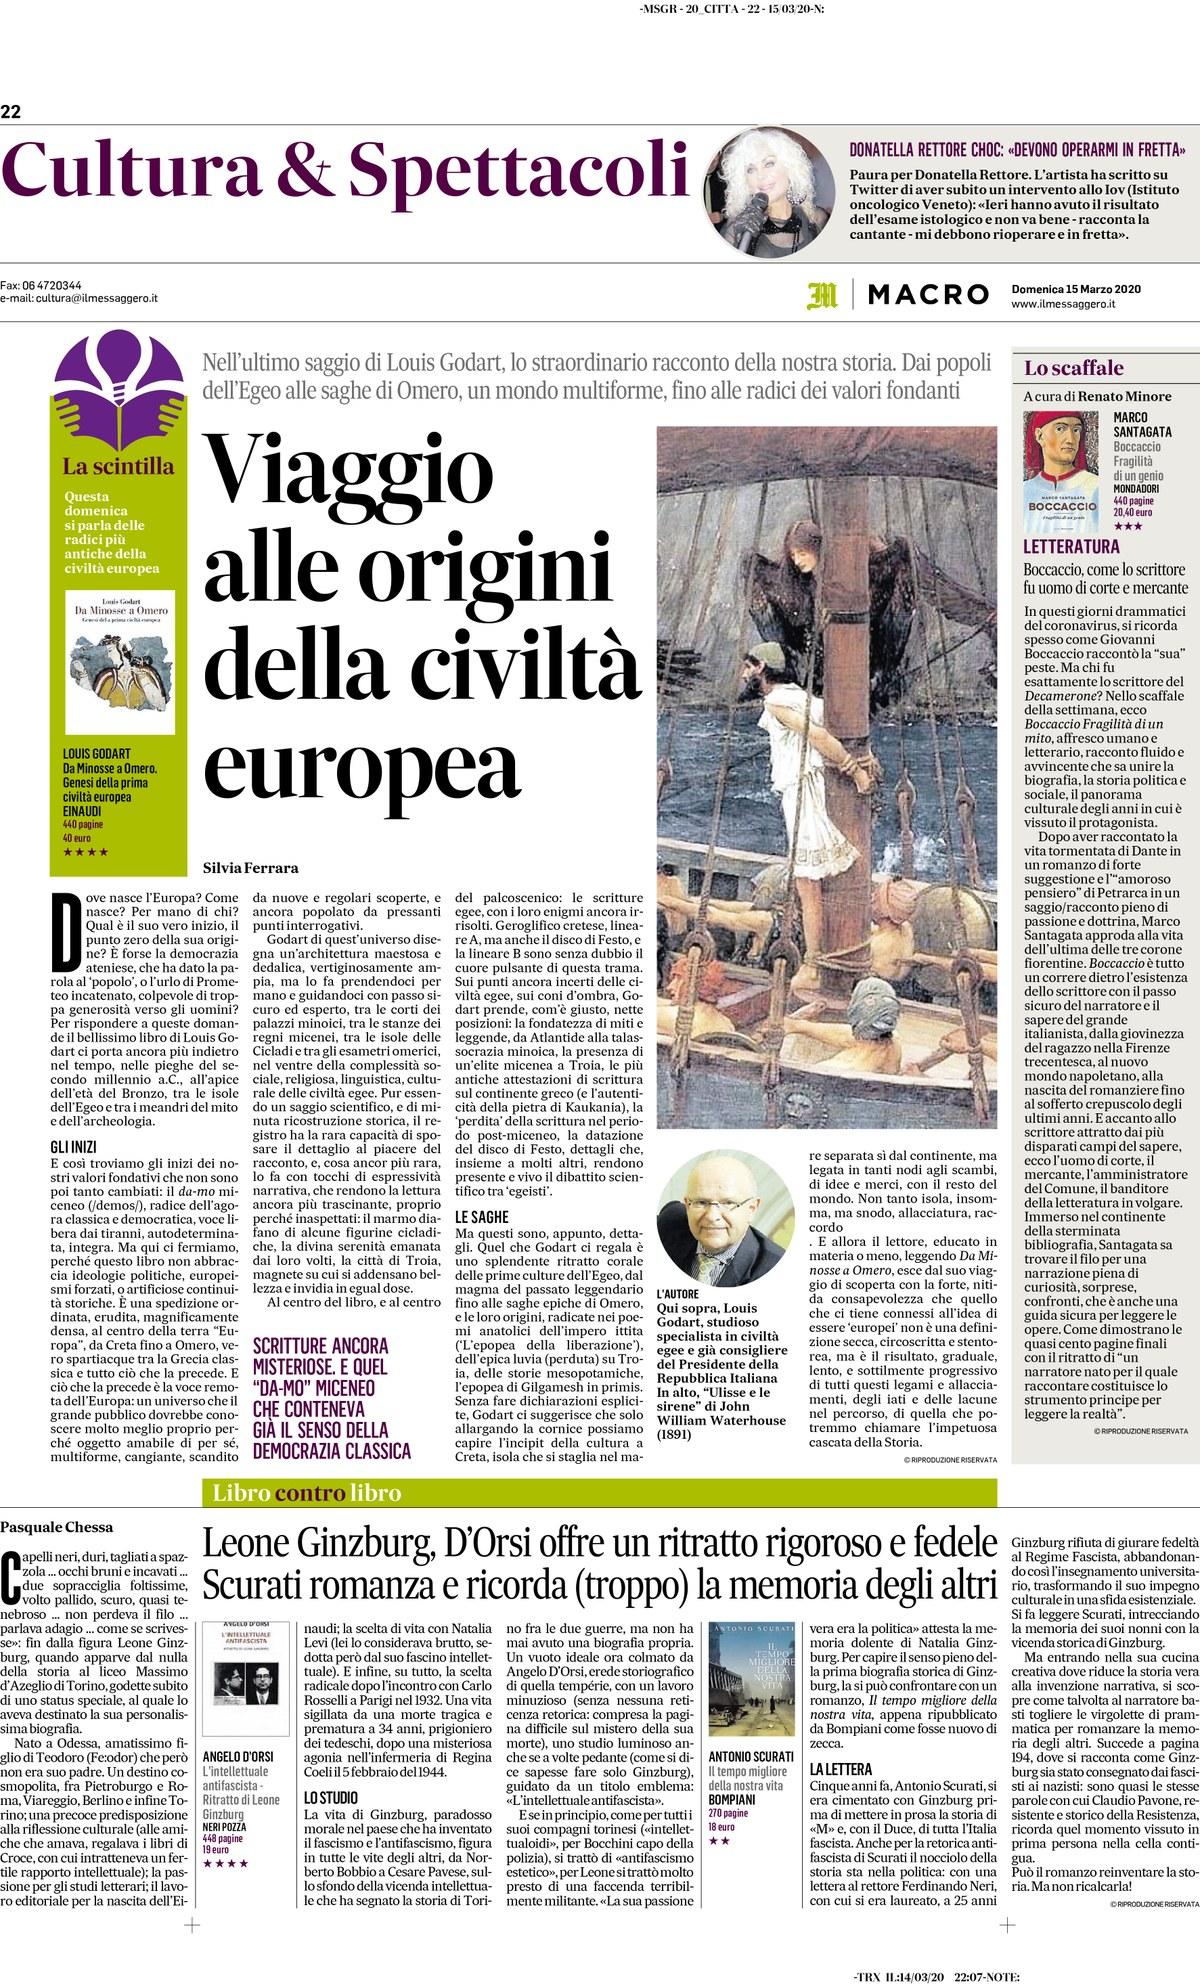 """Review of """"Da Minosse a Omero"""" by Silvia Ferrara, on Il Messaggero (15/03/2020)"""